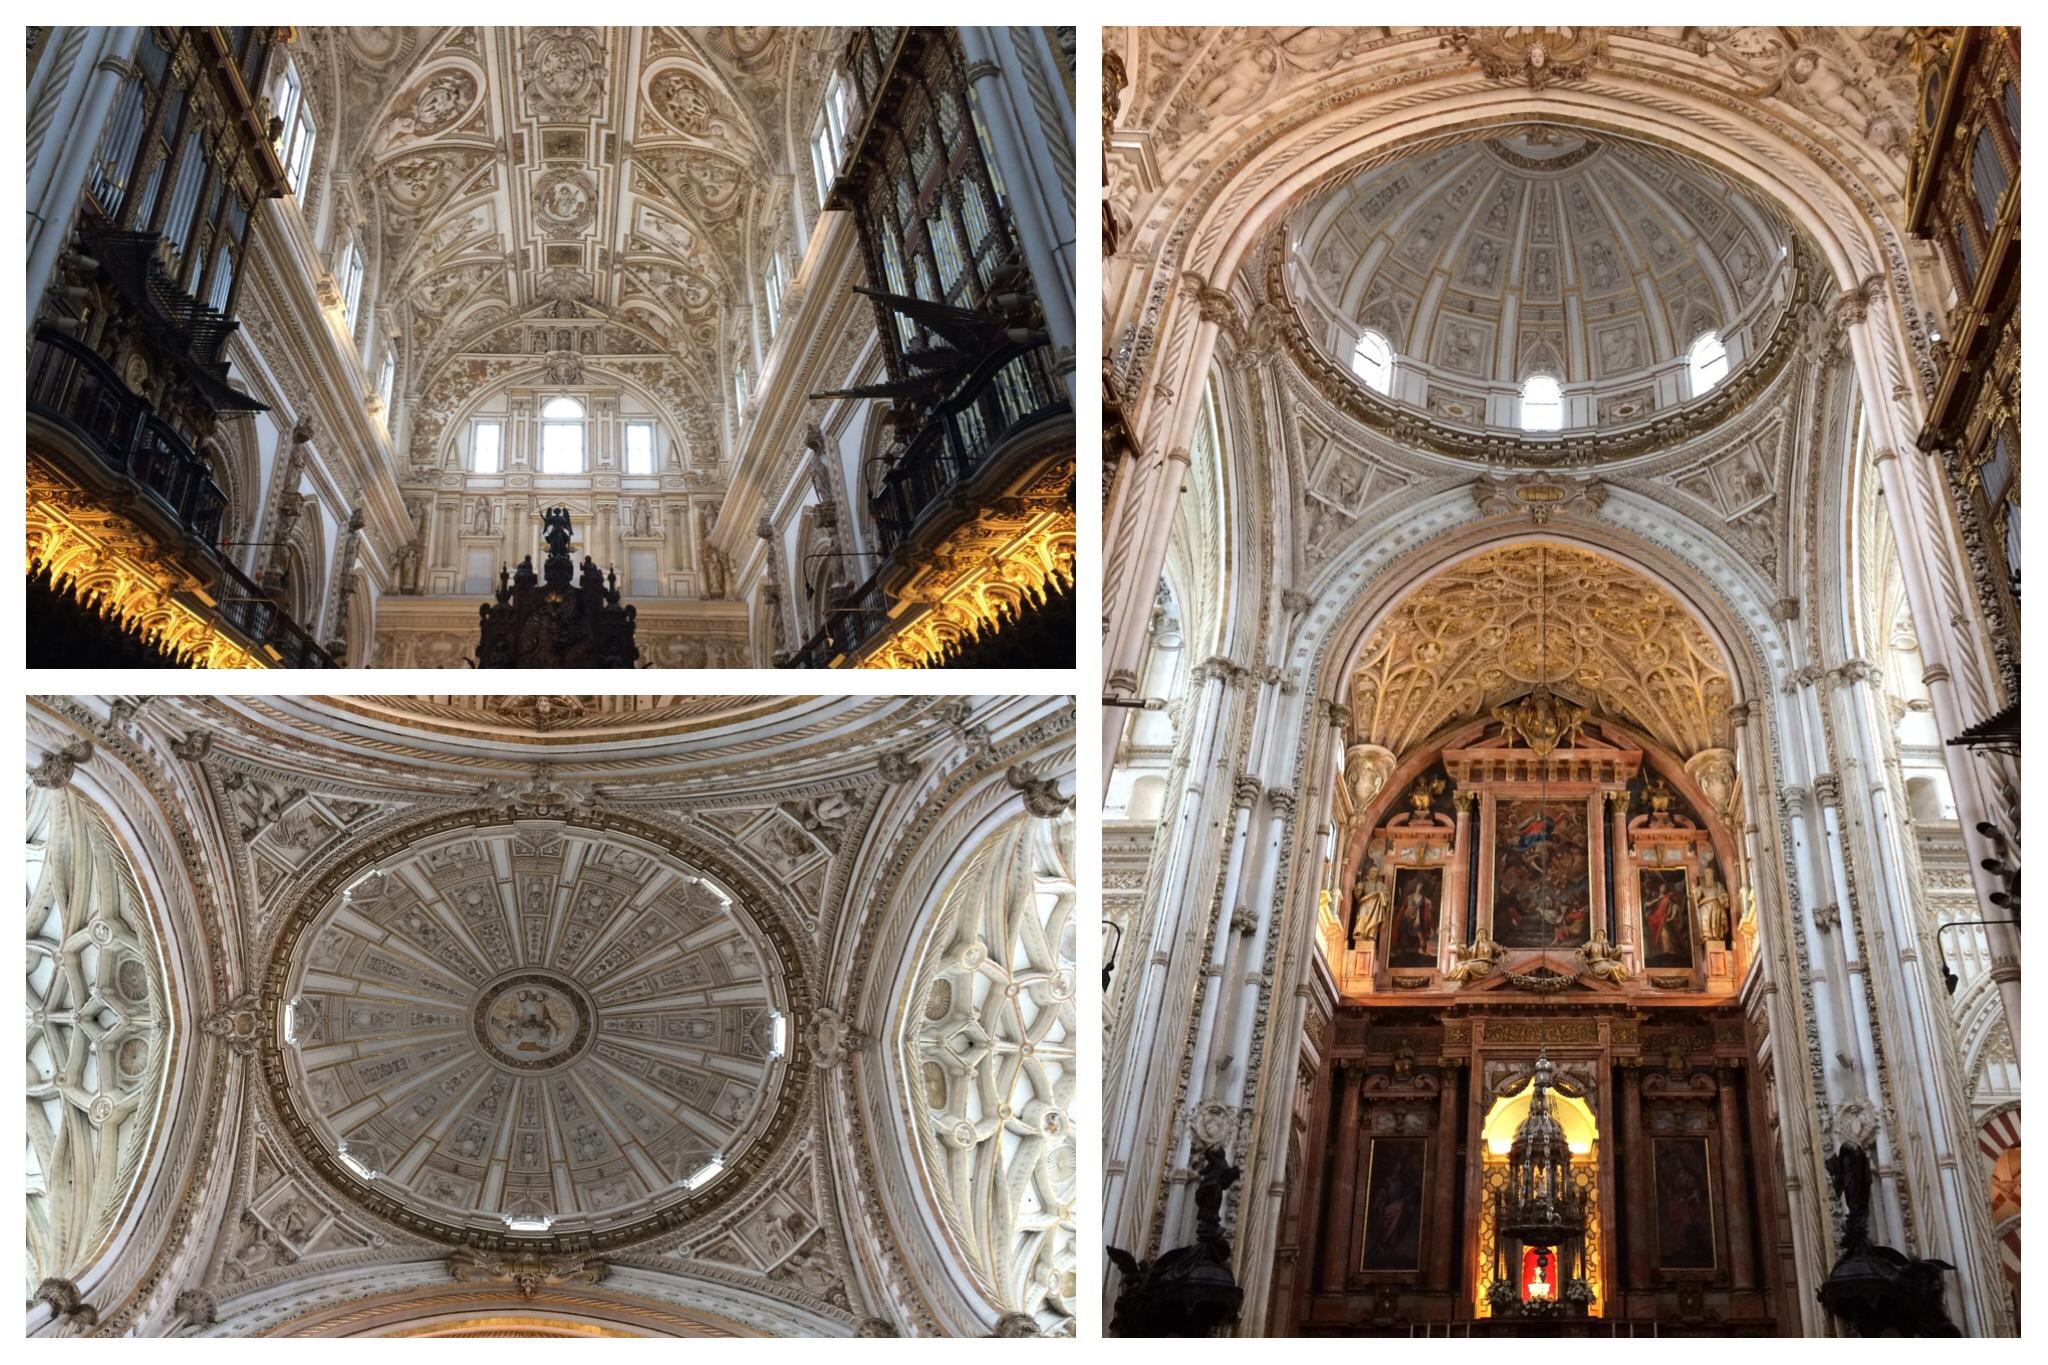 Córdoba Mesquita Mosque-Church baroque interior